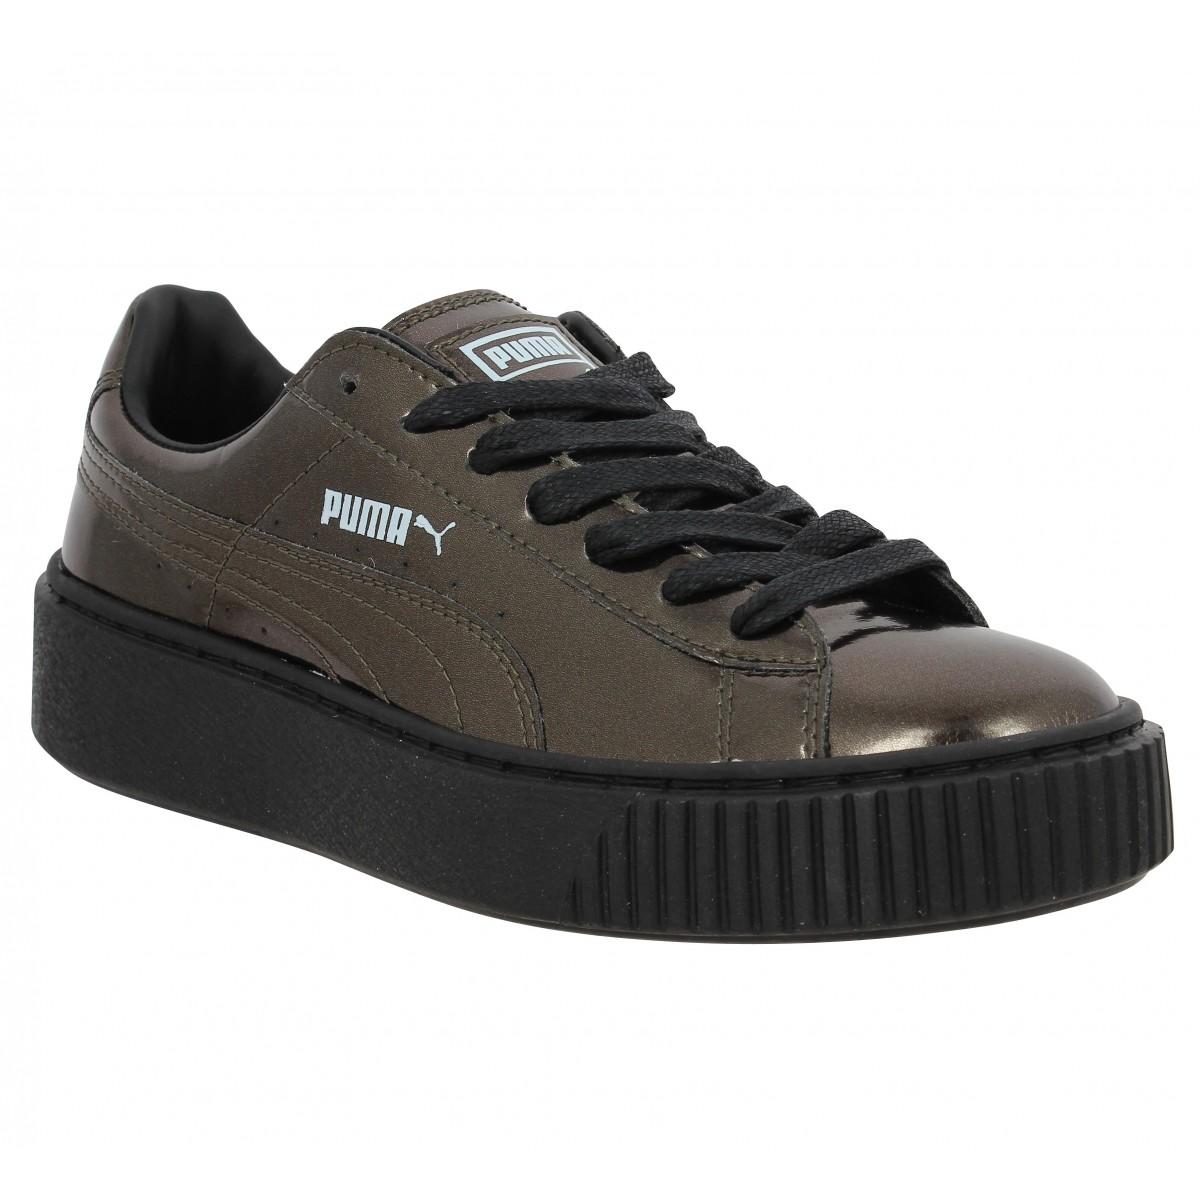 Metallic Chaussures Puma Platform FemmeFanny Noir Basket wilOPkZuXT